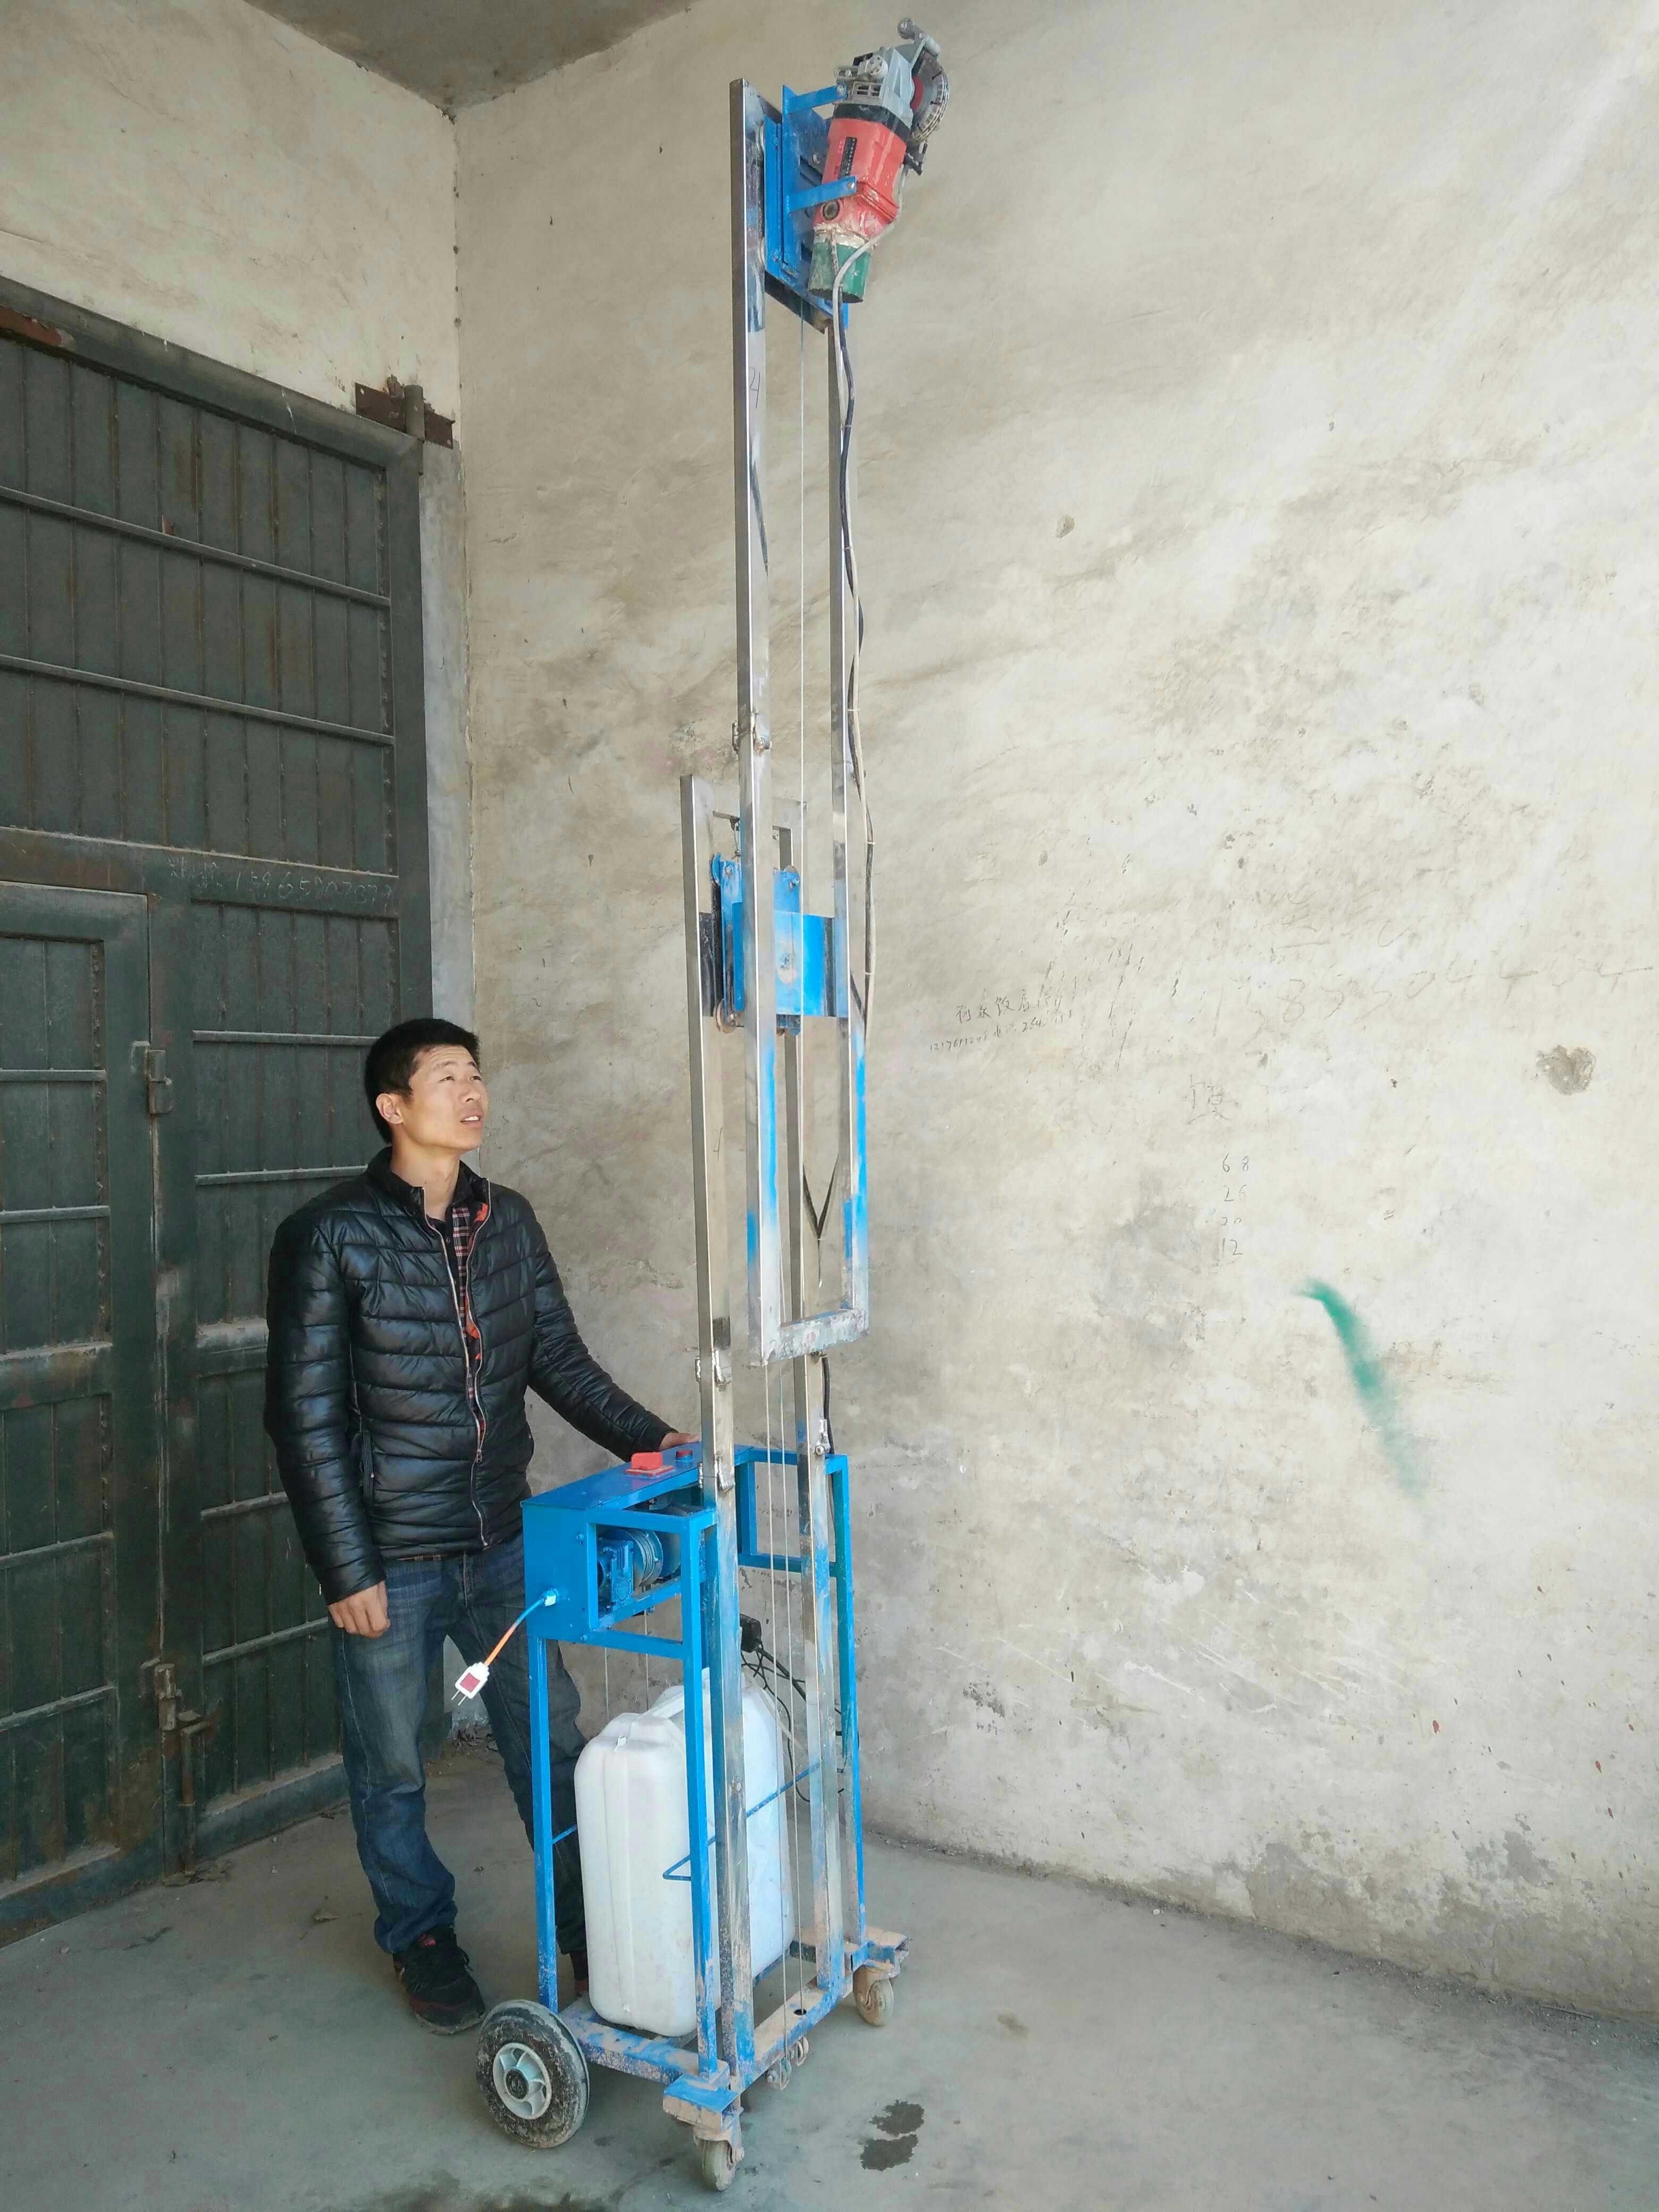 Schneidemaschine, die einmal multifunktionale wasserkraft staubfreien keine sackgassen Beton - Wand - Maschine eine automatische